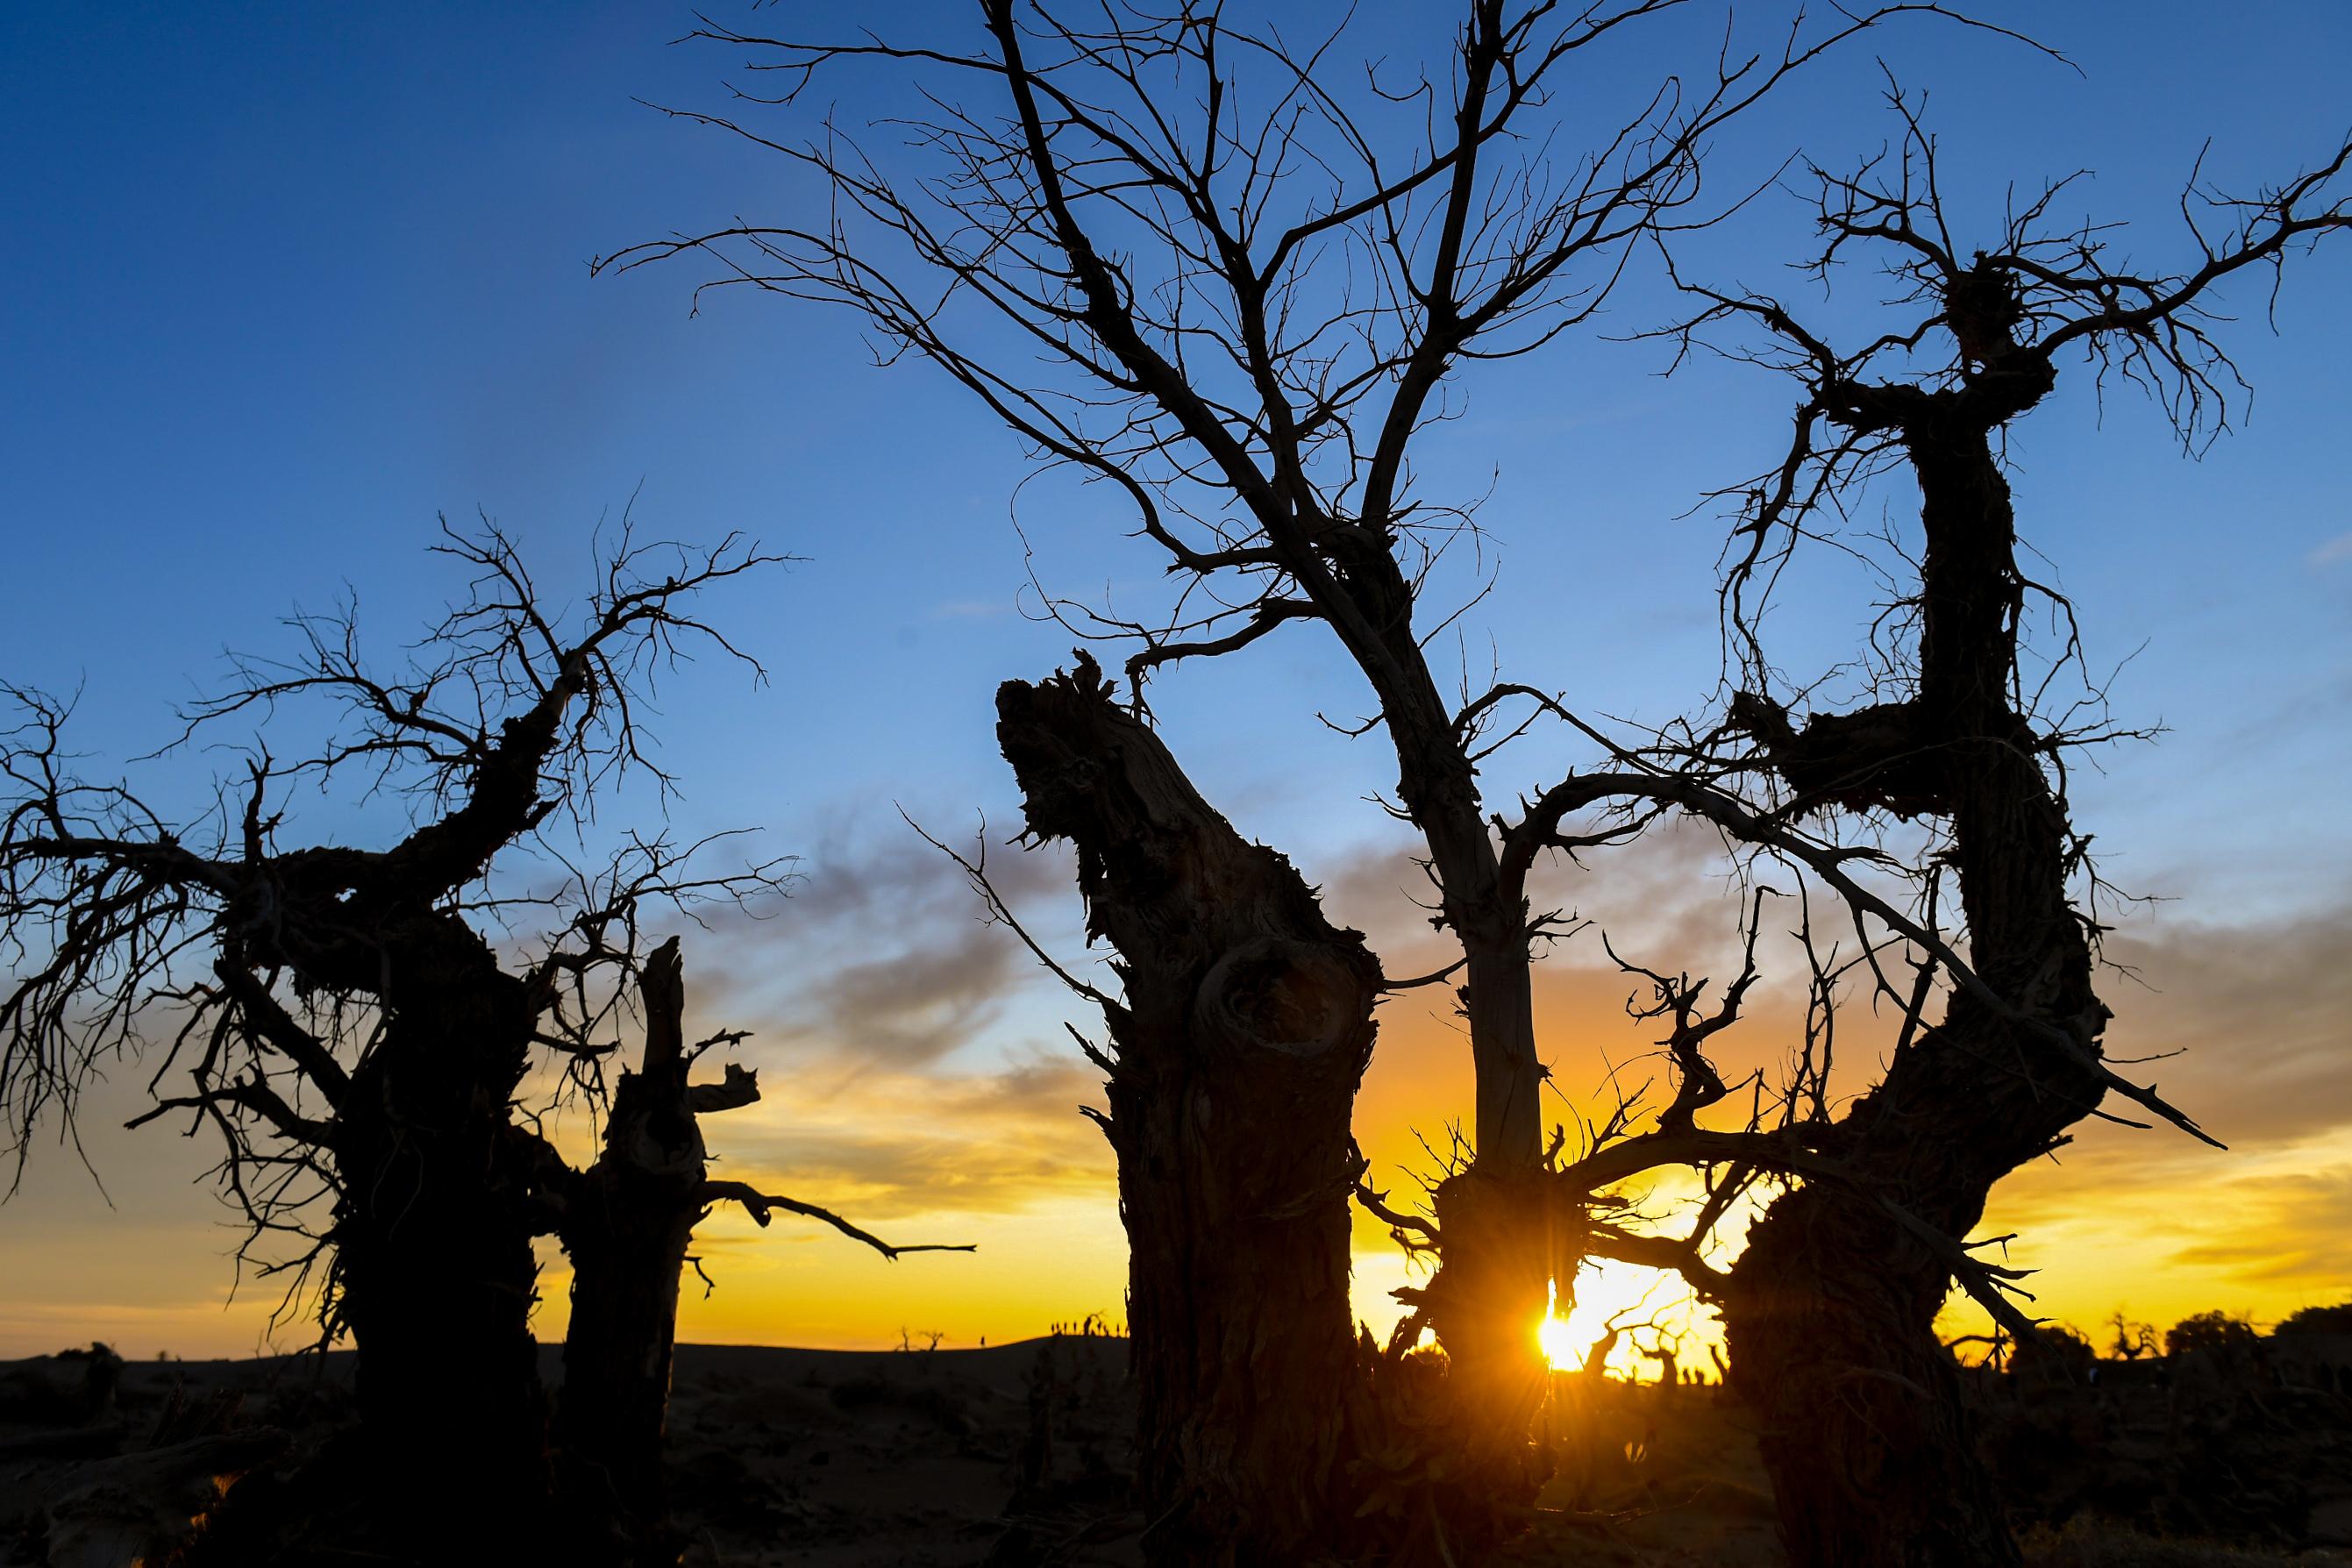 後世に警告、砂漠に広がる不思議な「怪樹林」 内モンゴル自治区